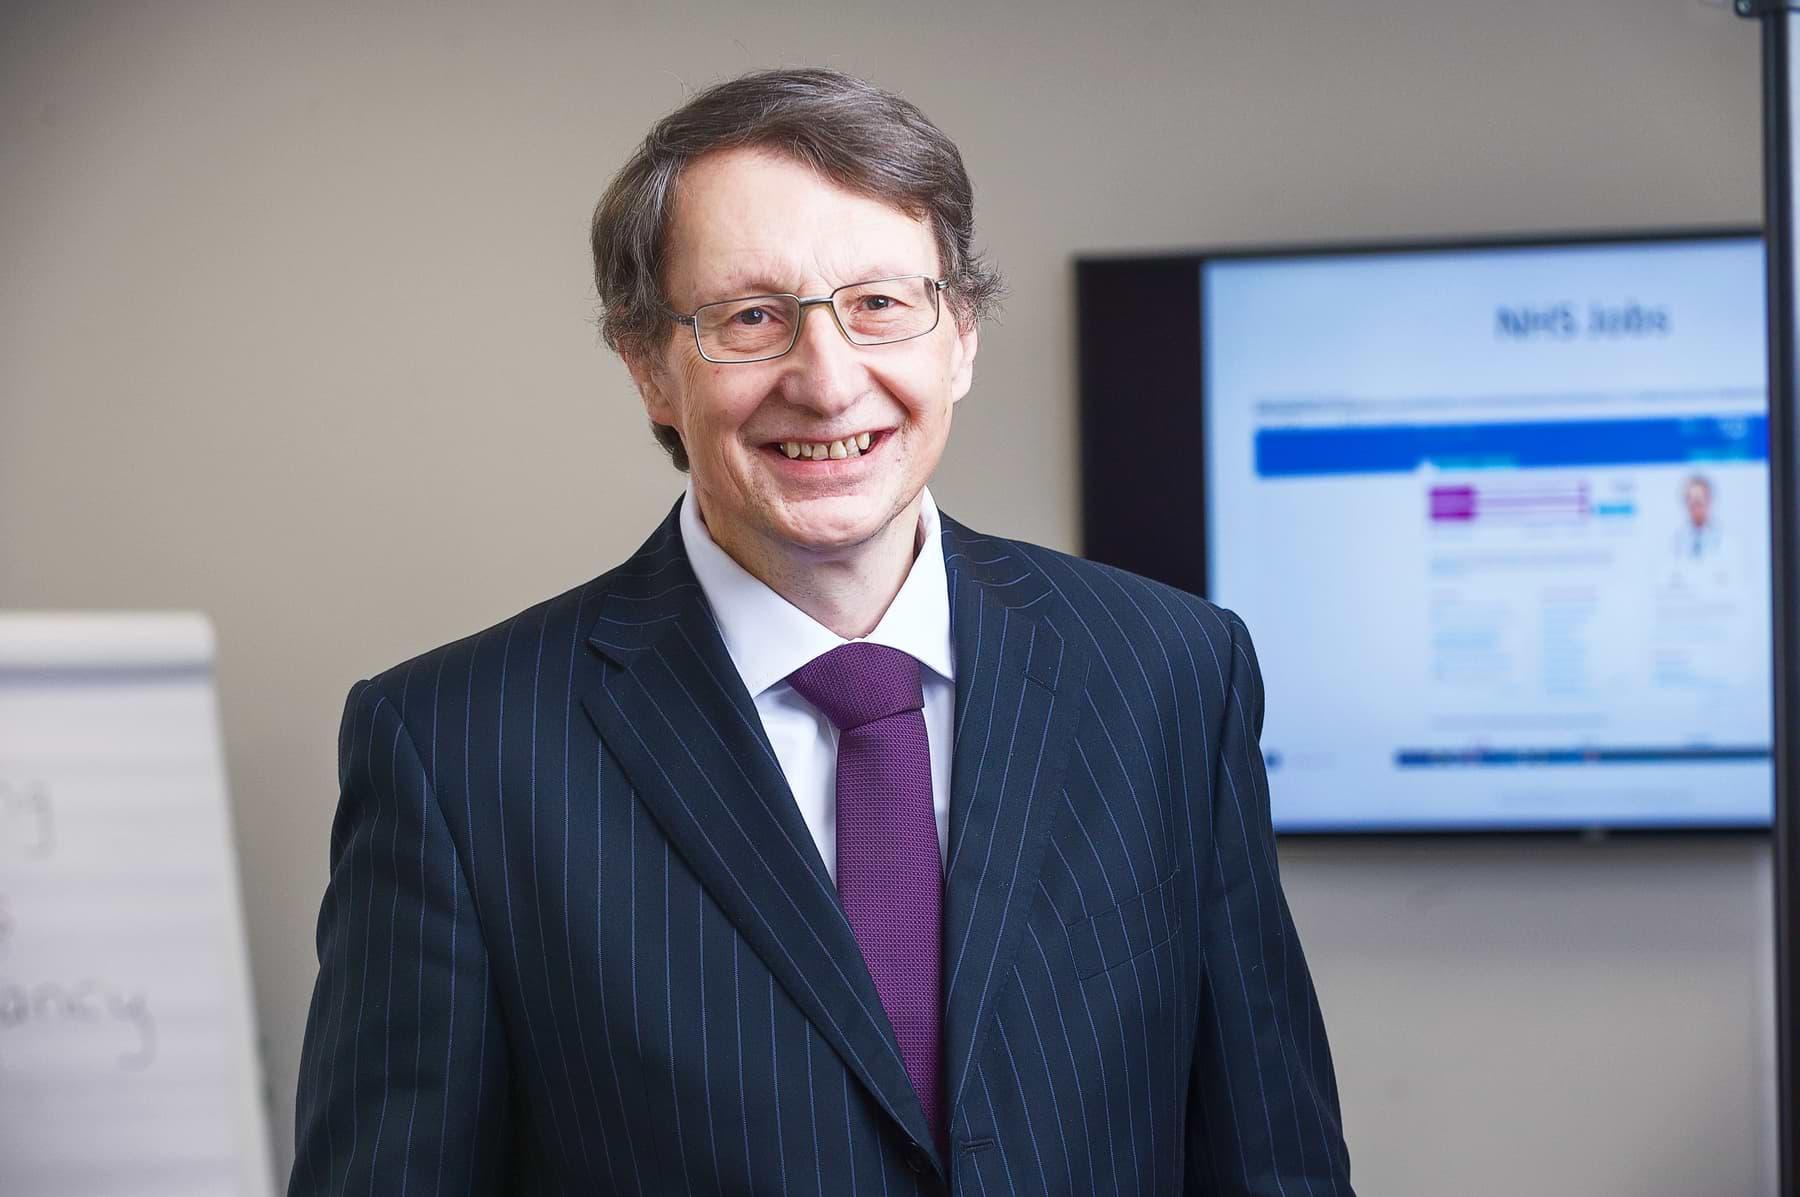 Career Advice Workshops - Alistair Stirling Careers Consultancy